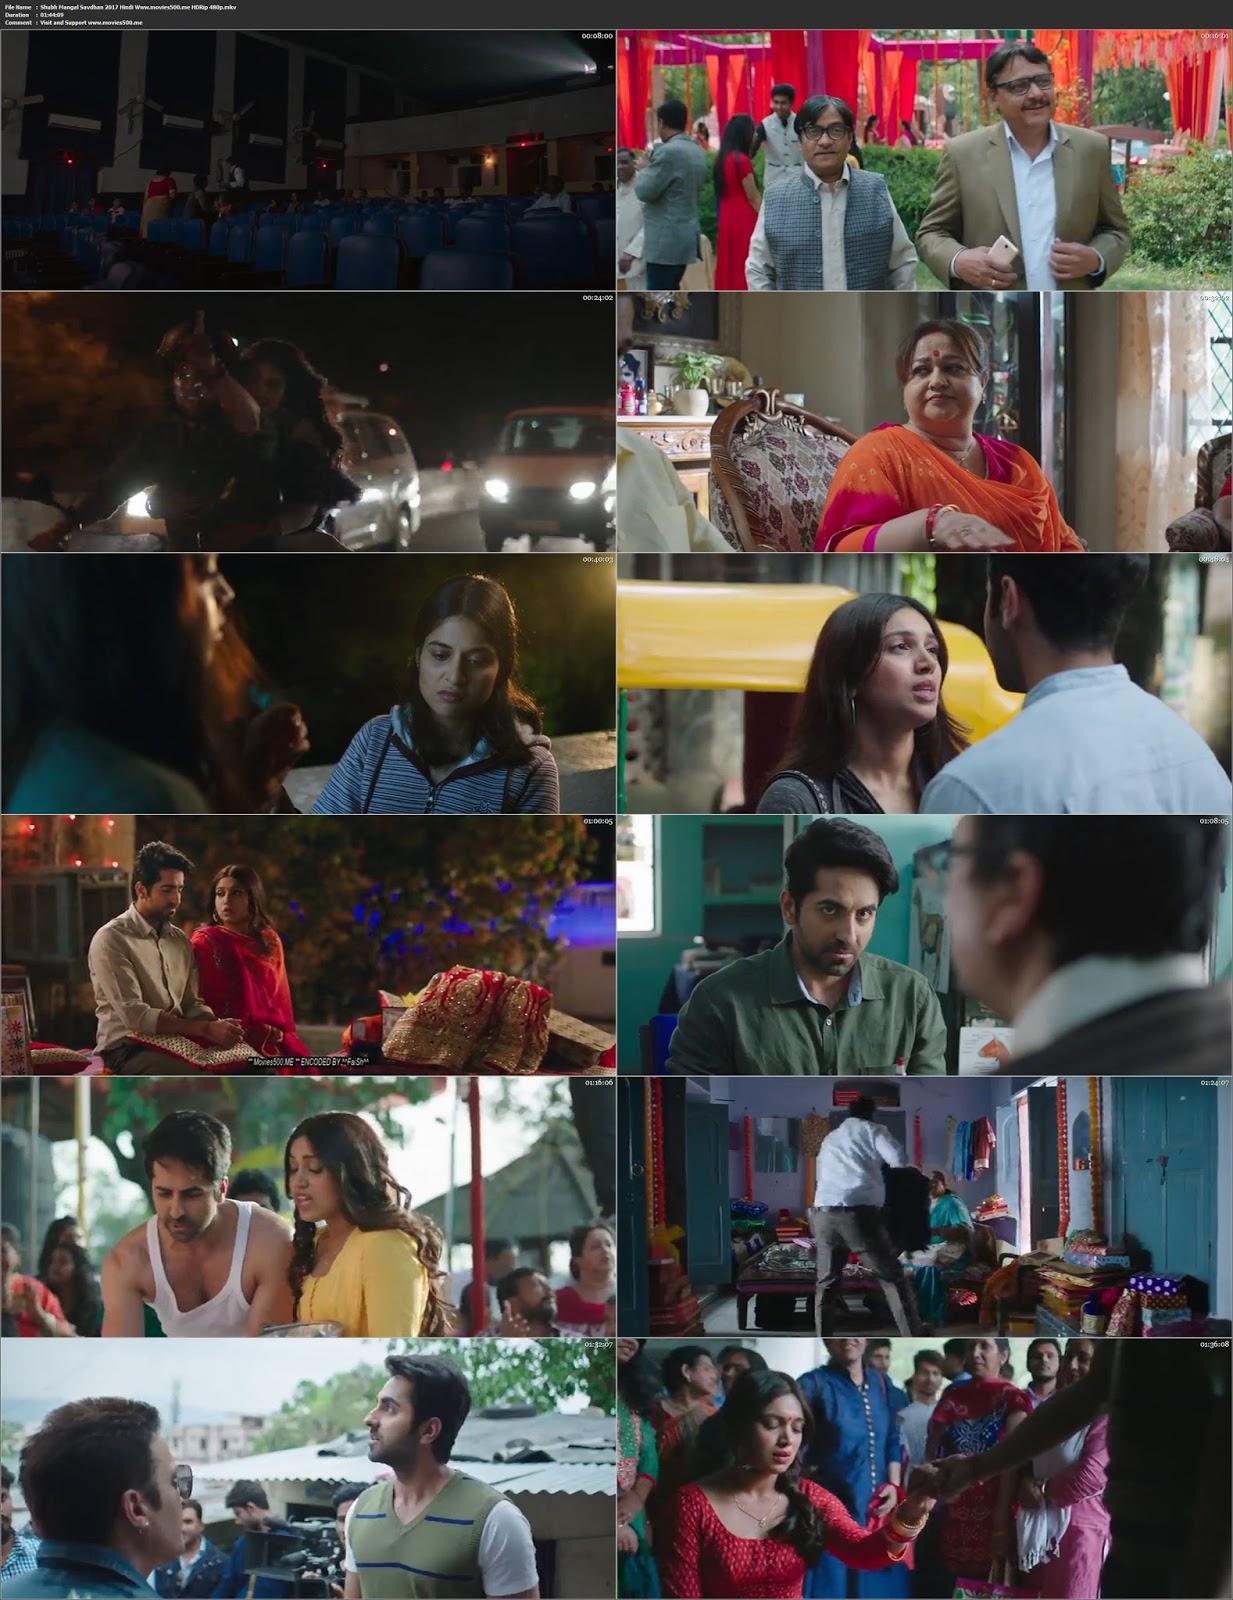 Shubh Mangal Saavdhan 2017 Bollywood 300MB HDRip 720p at freedomcopy.com